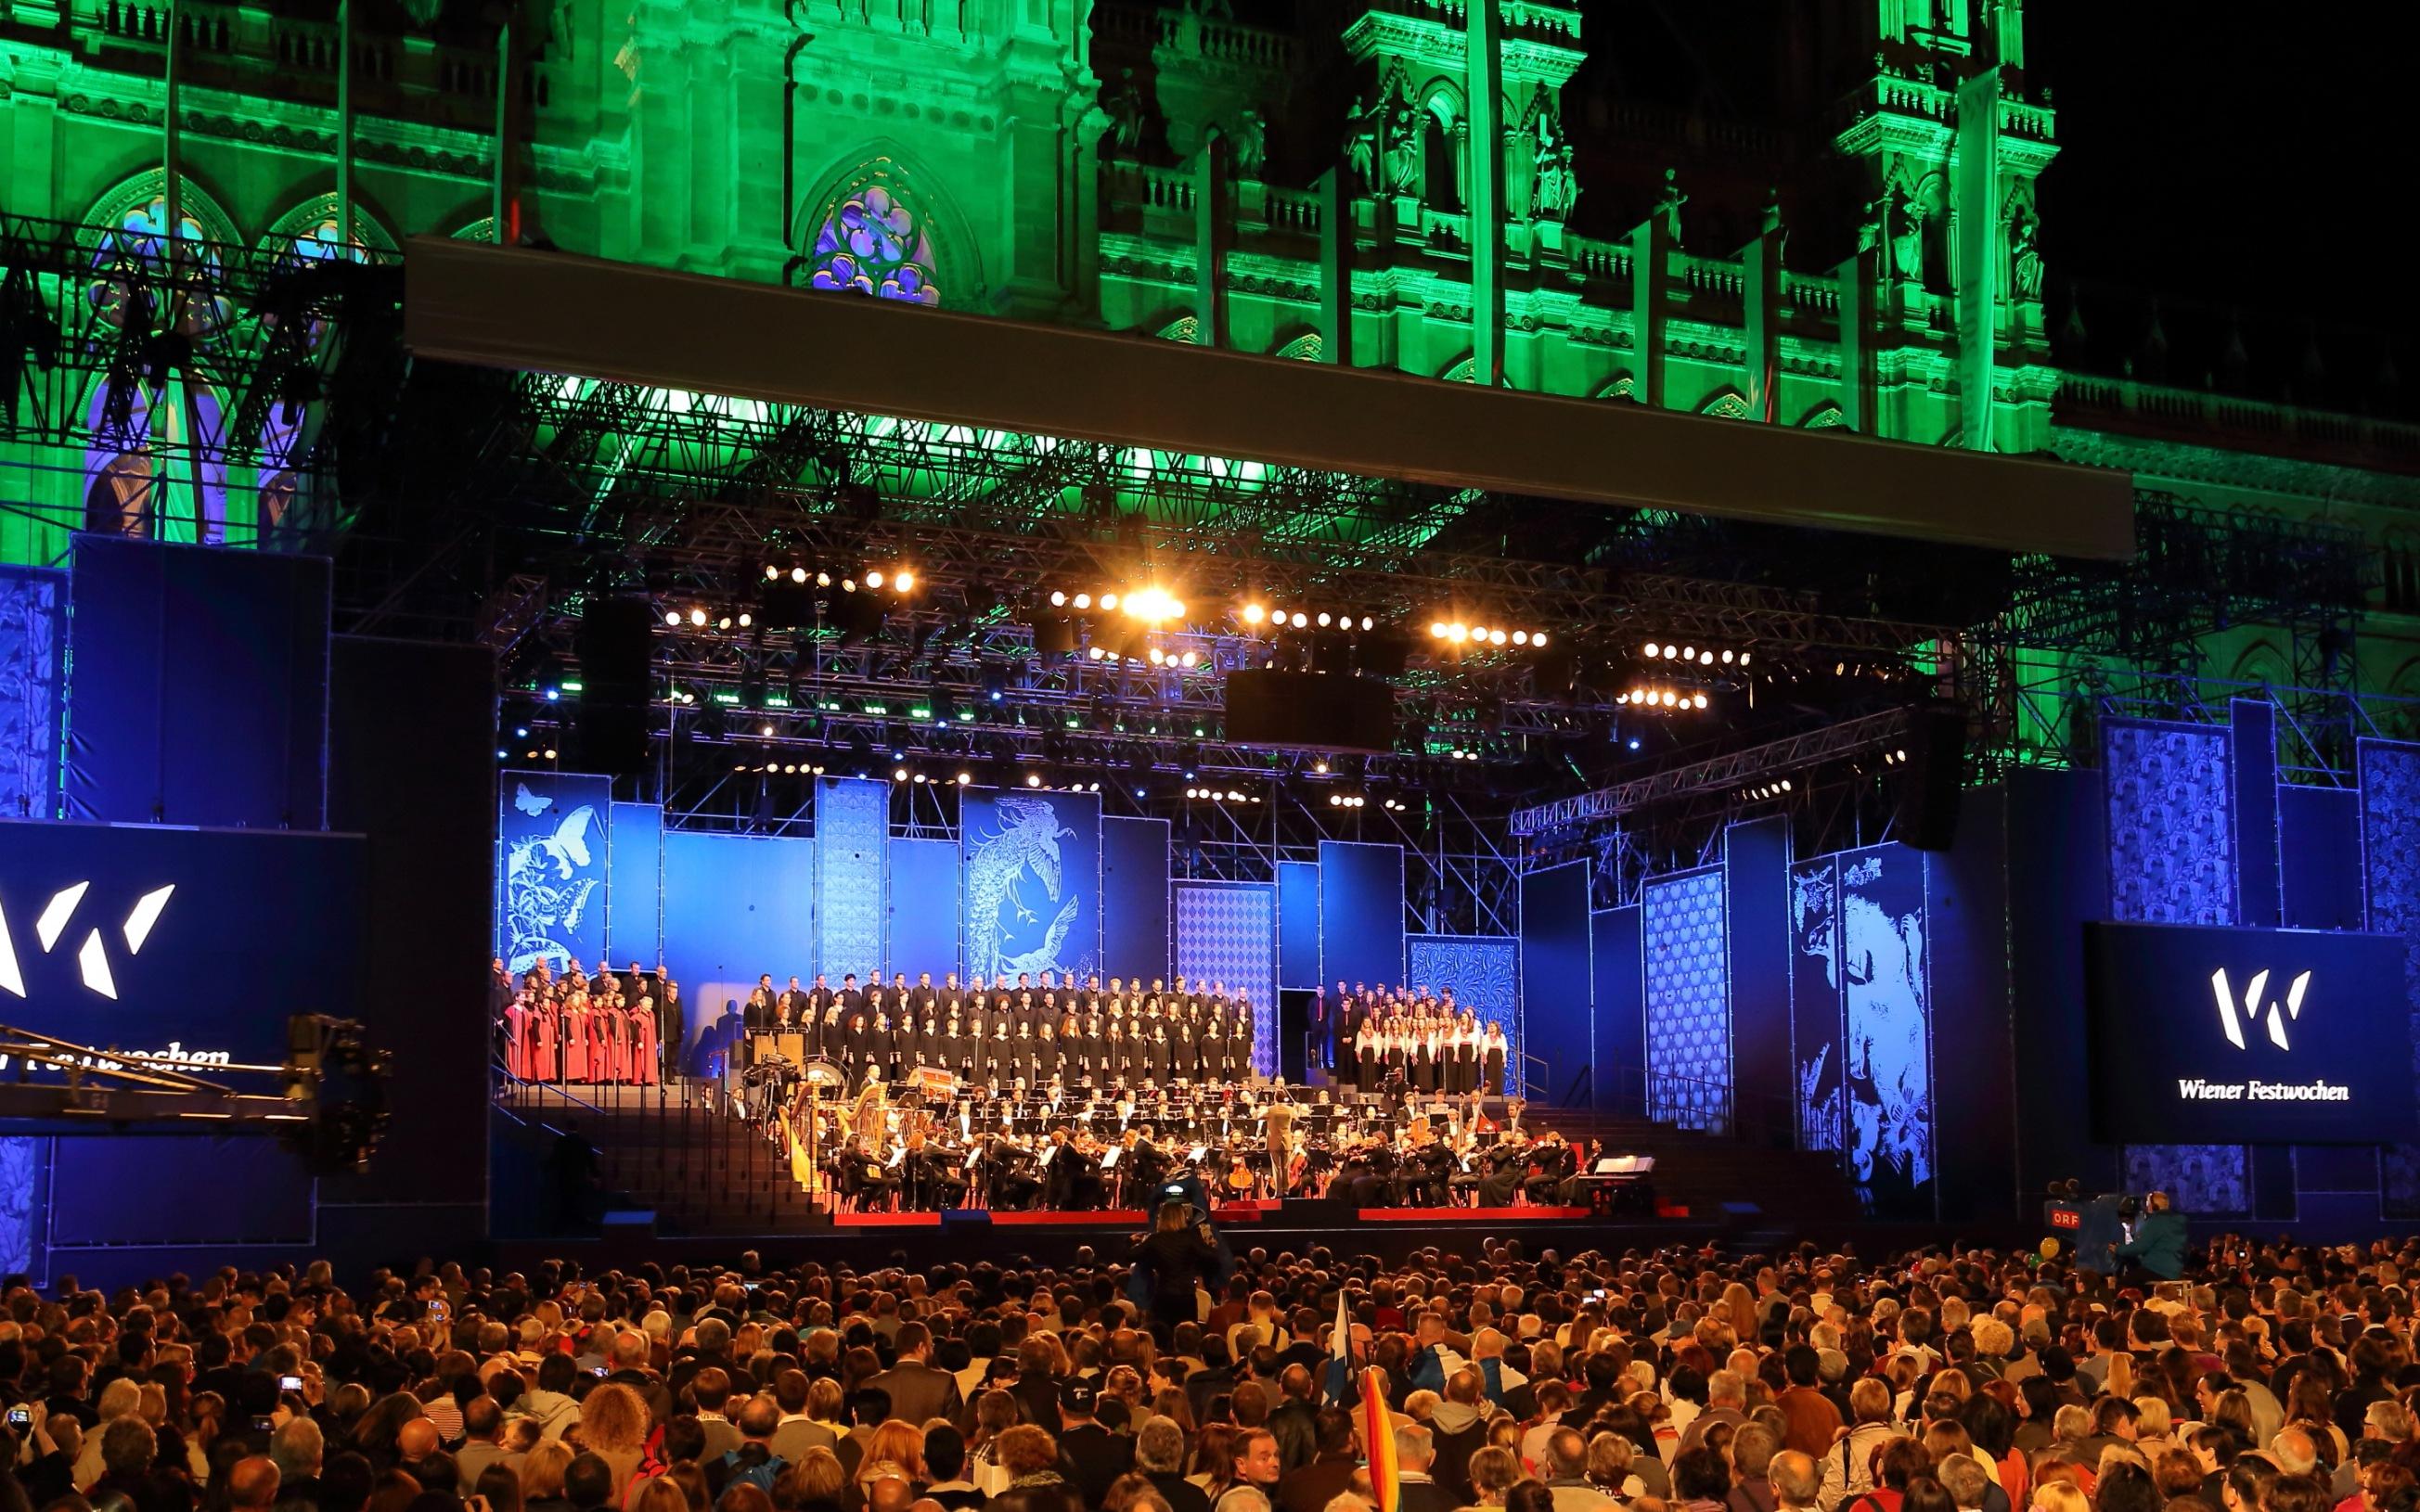 Eröffnungsveranstaltung der Wiener Festwochen 2014 am 9. Mai mit dem Arnold Schoenberg Chor und dem Radio-Symphonie